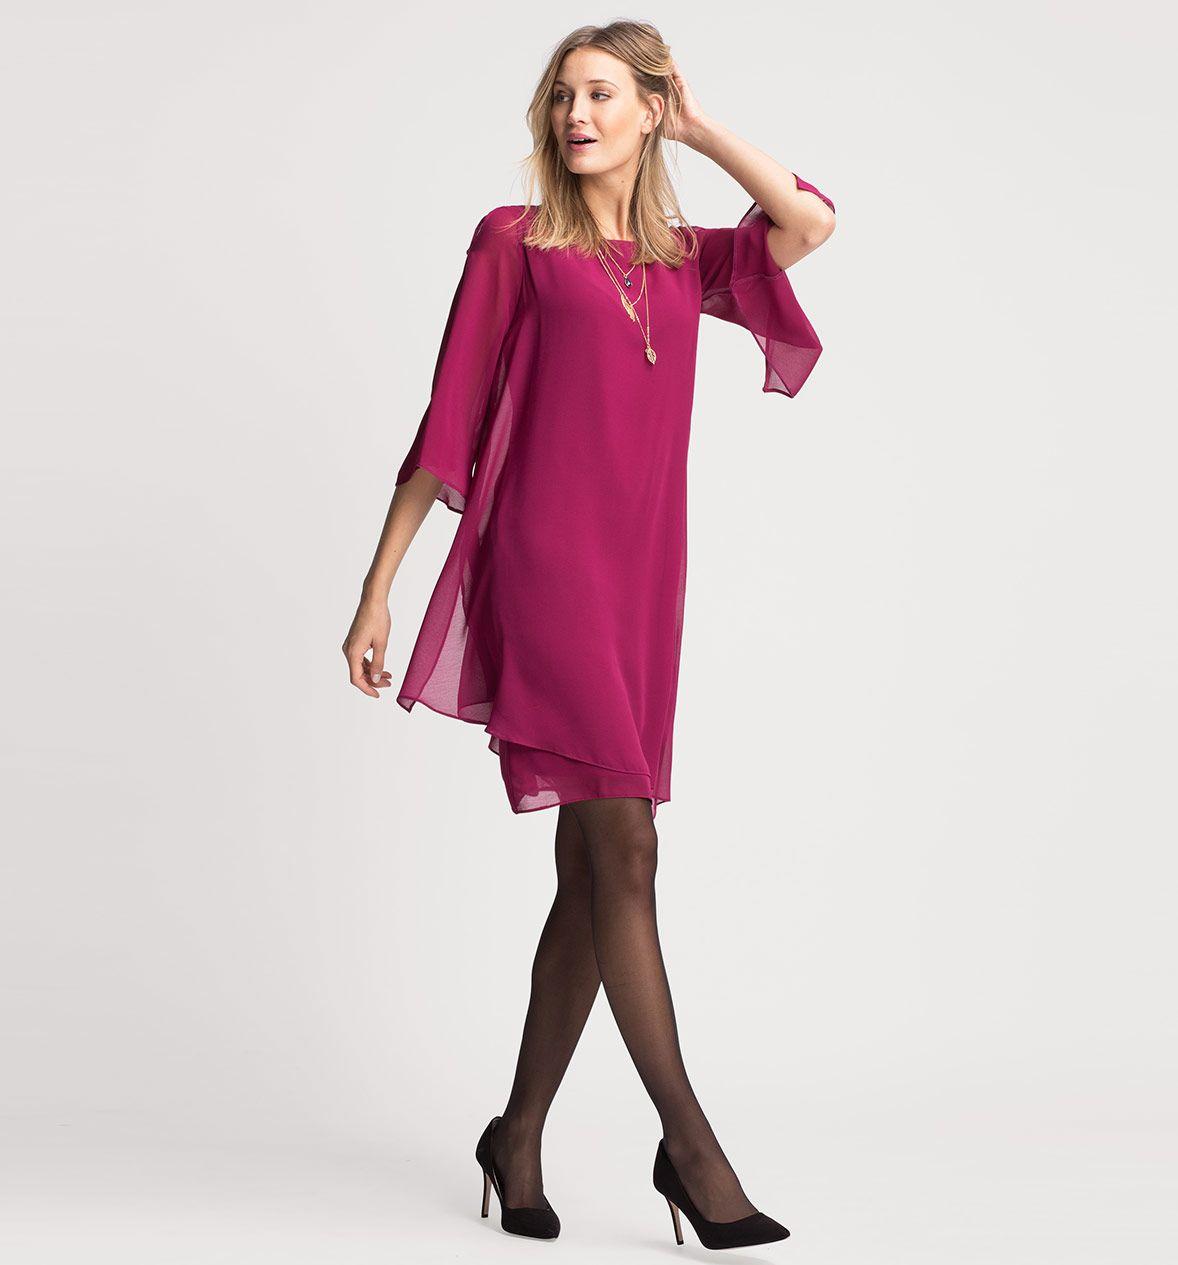 Damen Alle Kleider Amp Jumpsuits Gunstig Kleider Amp Jumpsuits Online Kaufen C Amp A Mode Gunstige Kleider Schulterfreies Kleid Mit Armeln